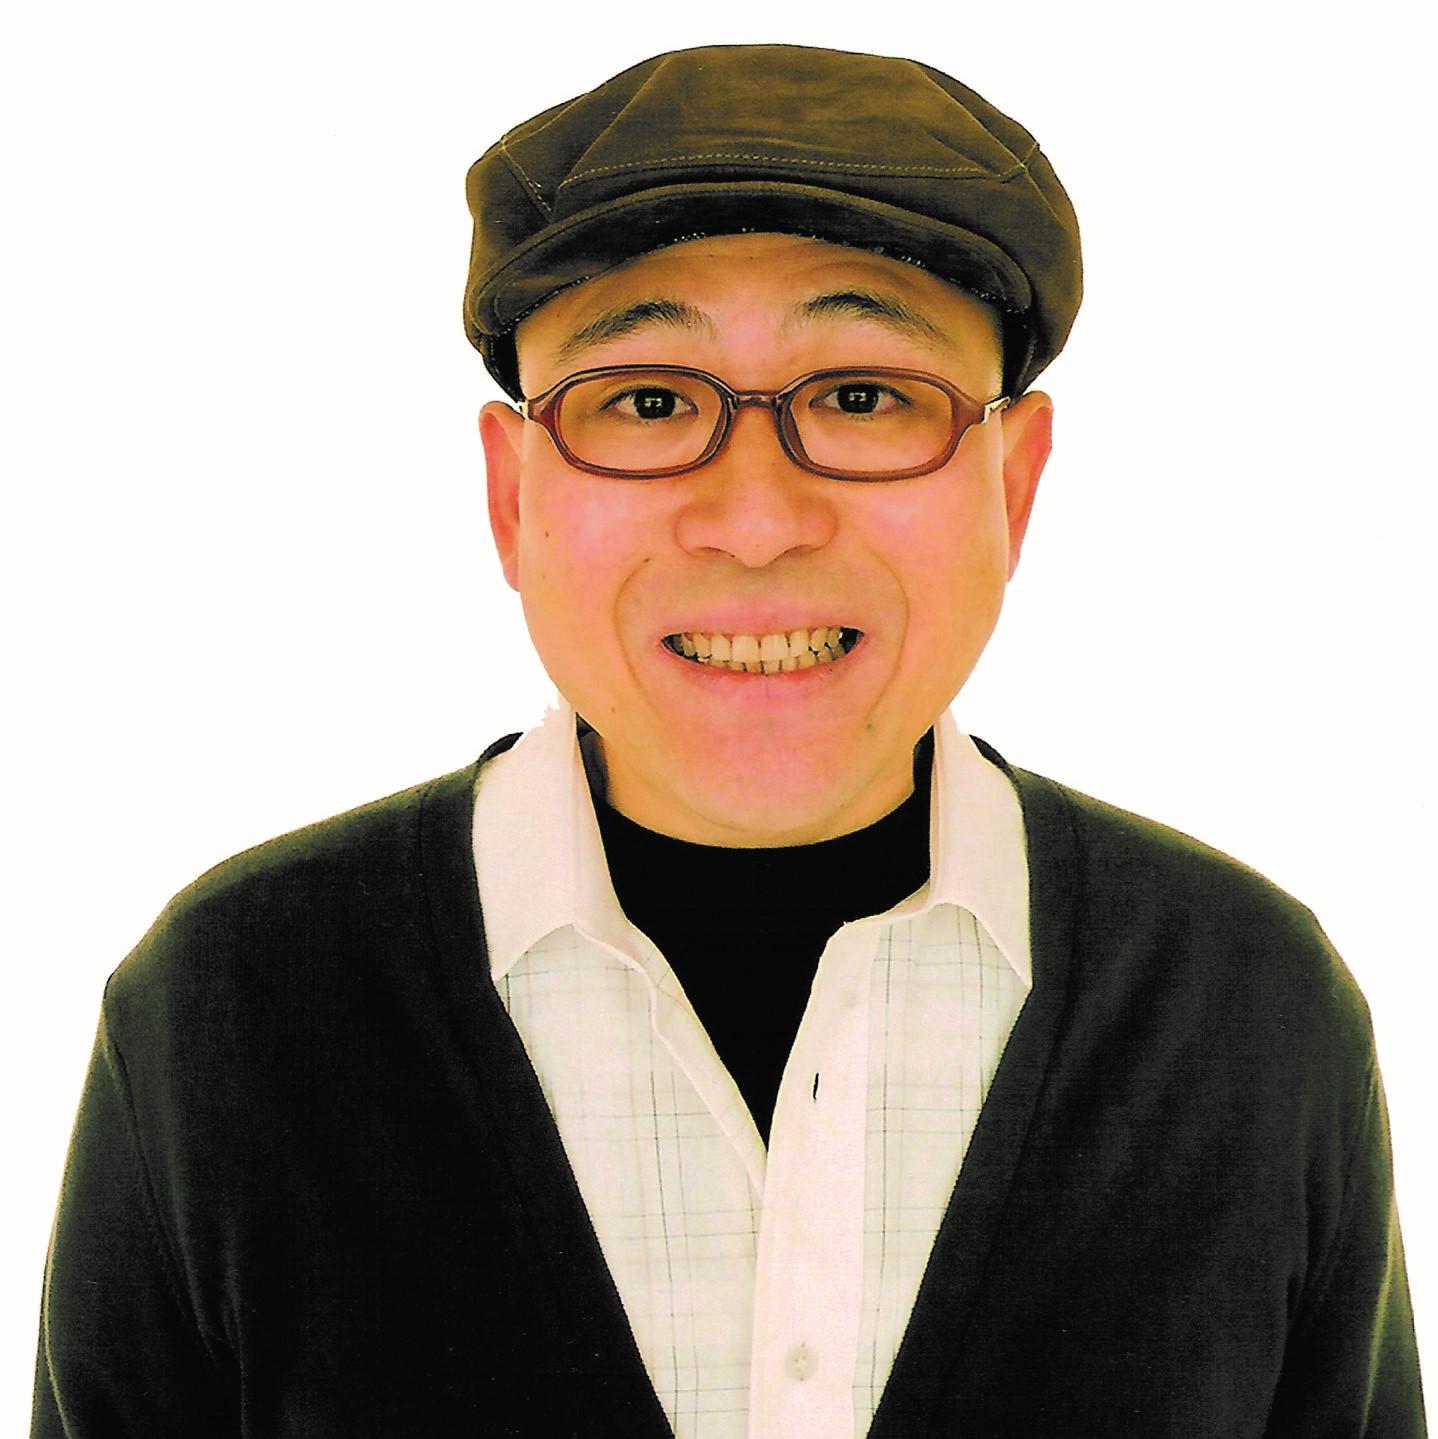 コージー冨田/Cozy Tomita